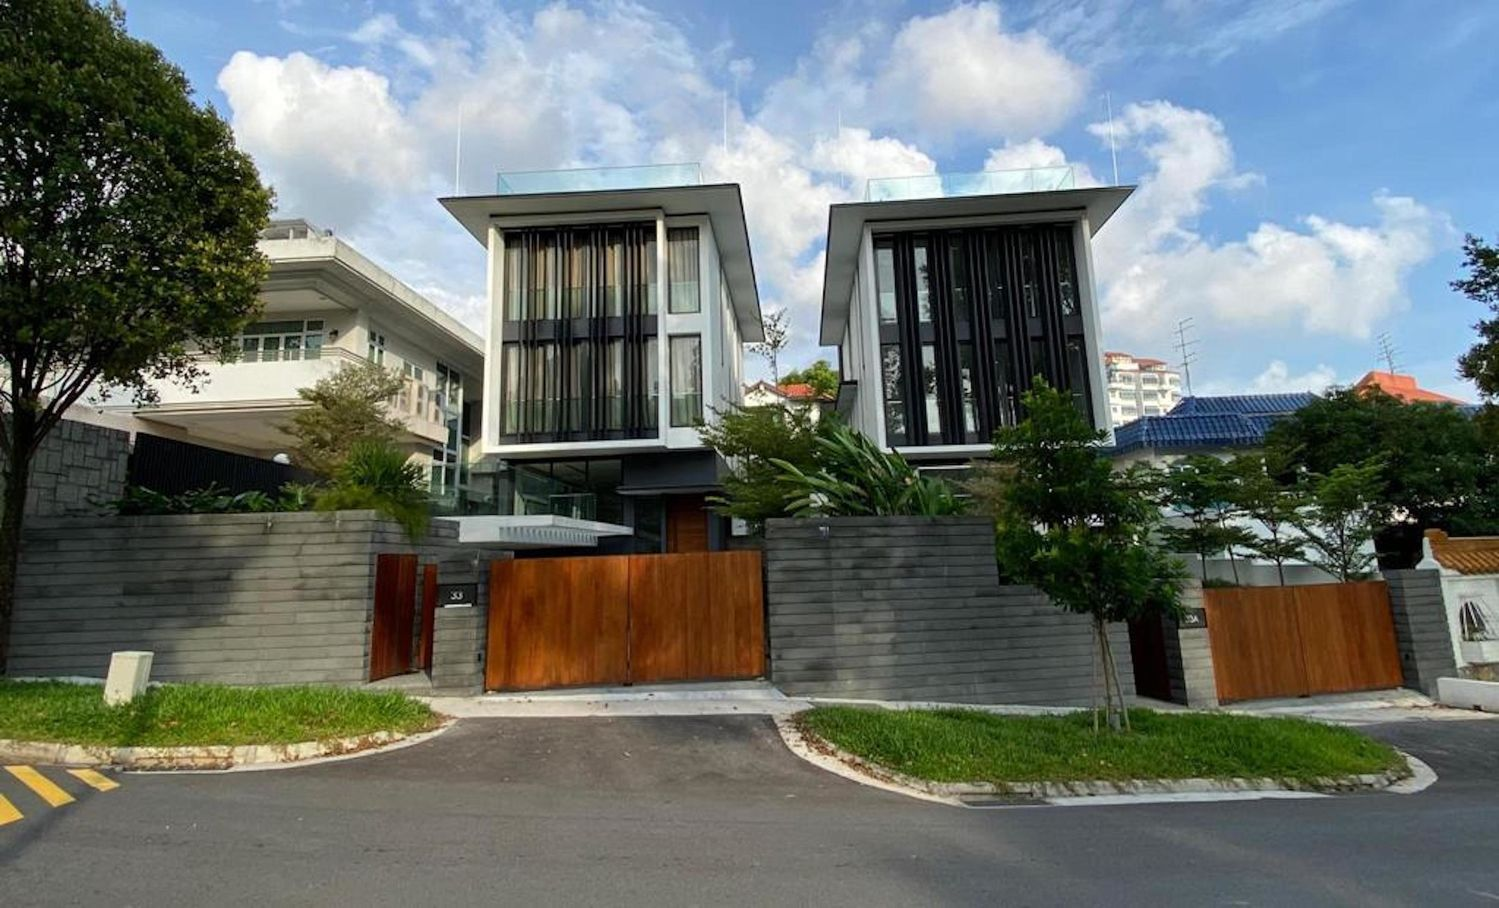 33-33A-SHELFORD-EXT-2 - EDGEPROP SINGAPORE